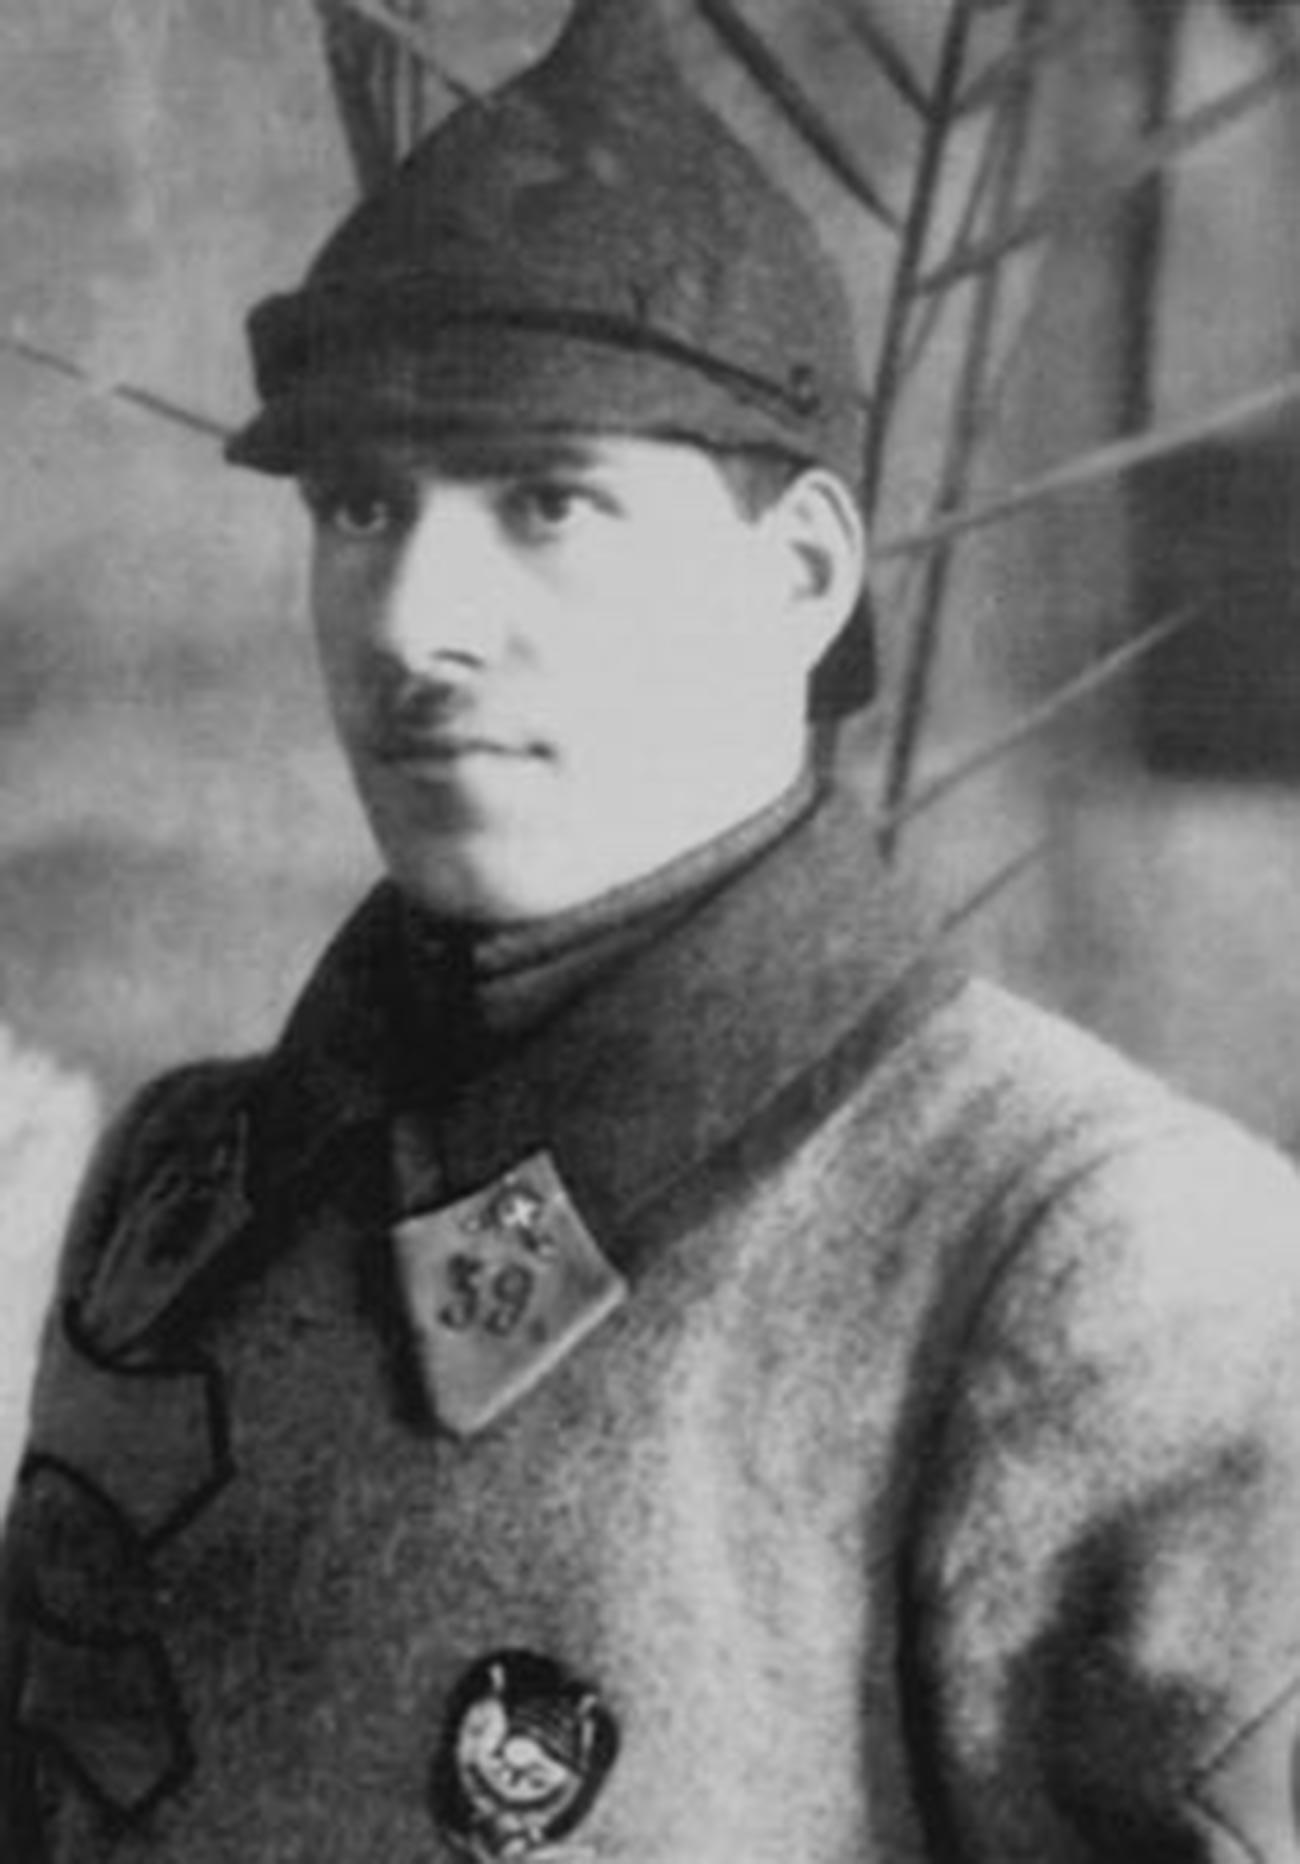 Командант 39. бузулуксог коњичког пука Г. К. Жуков, 1923.